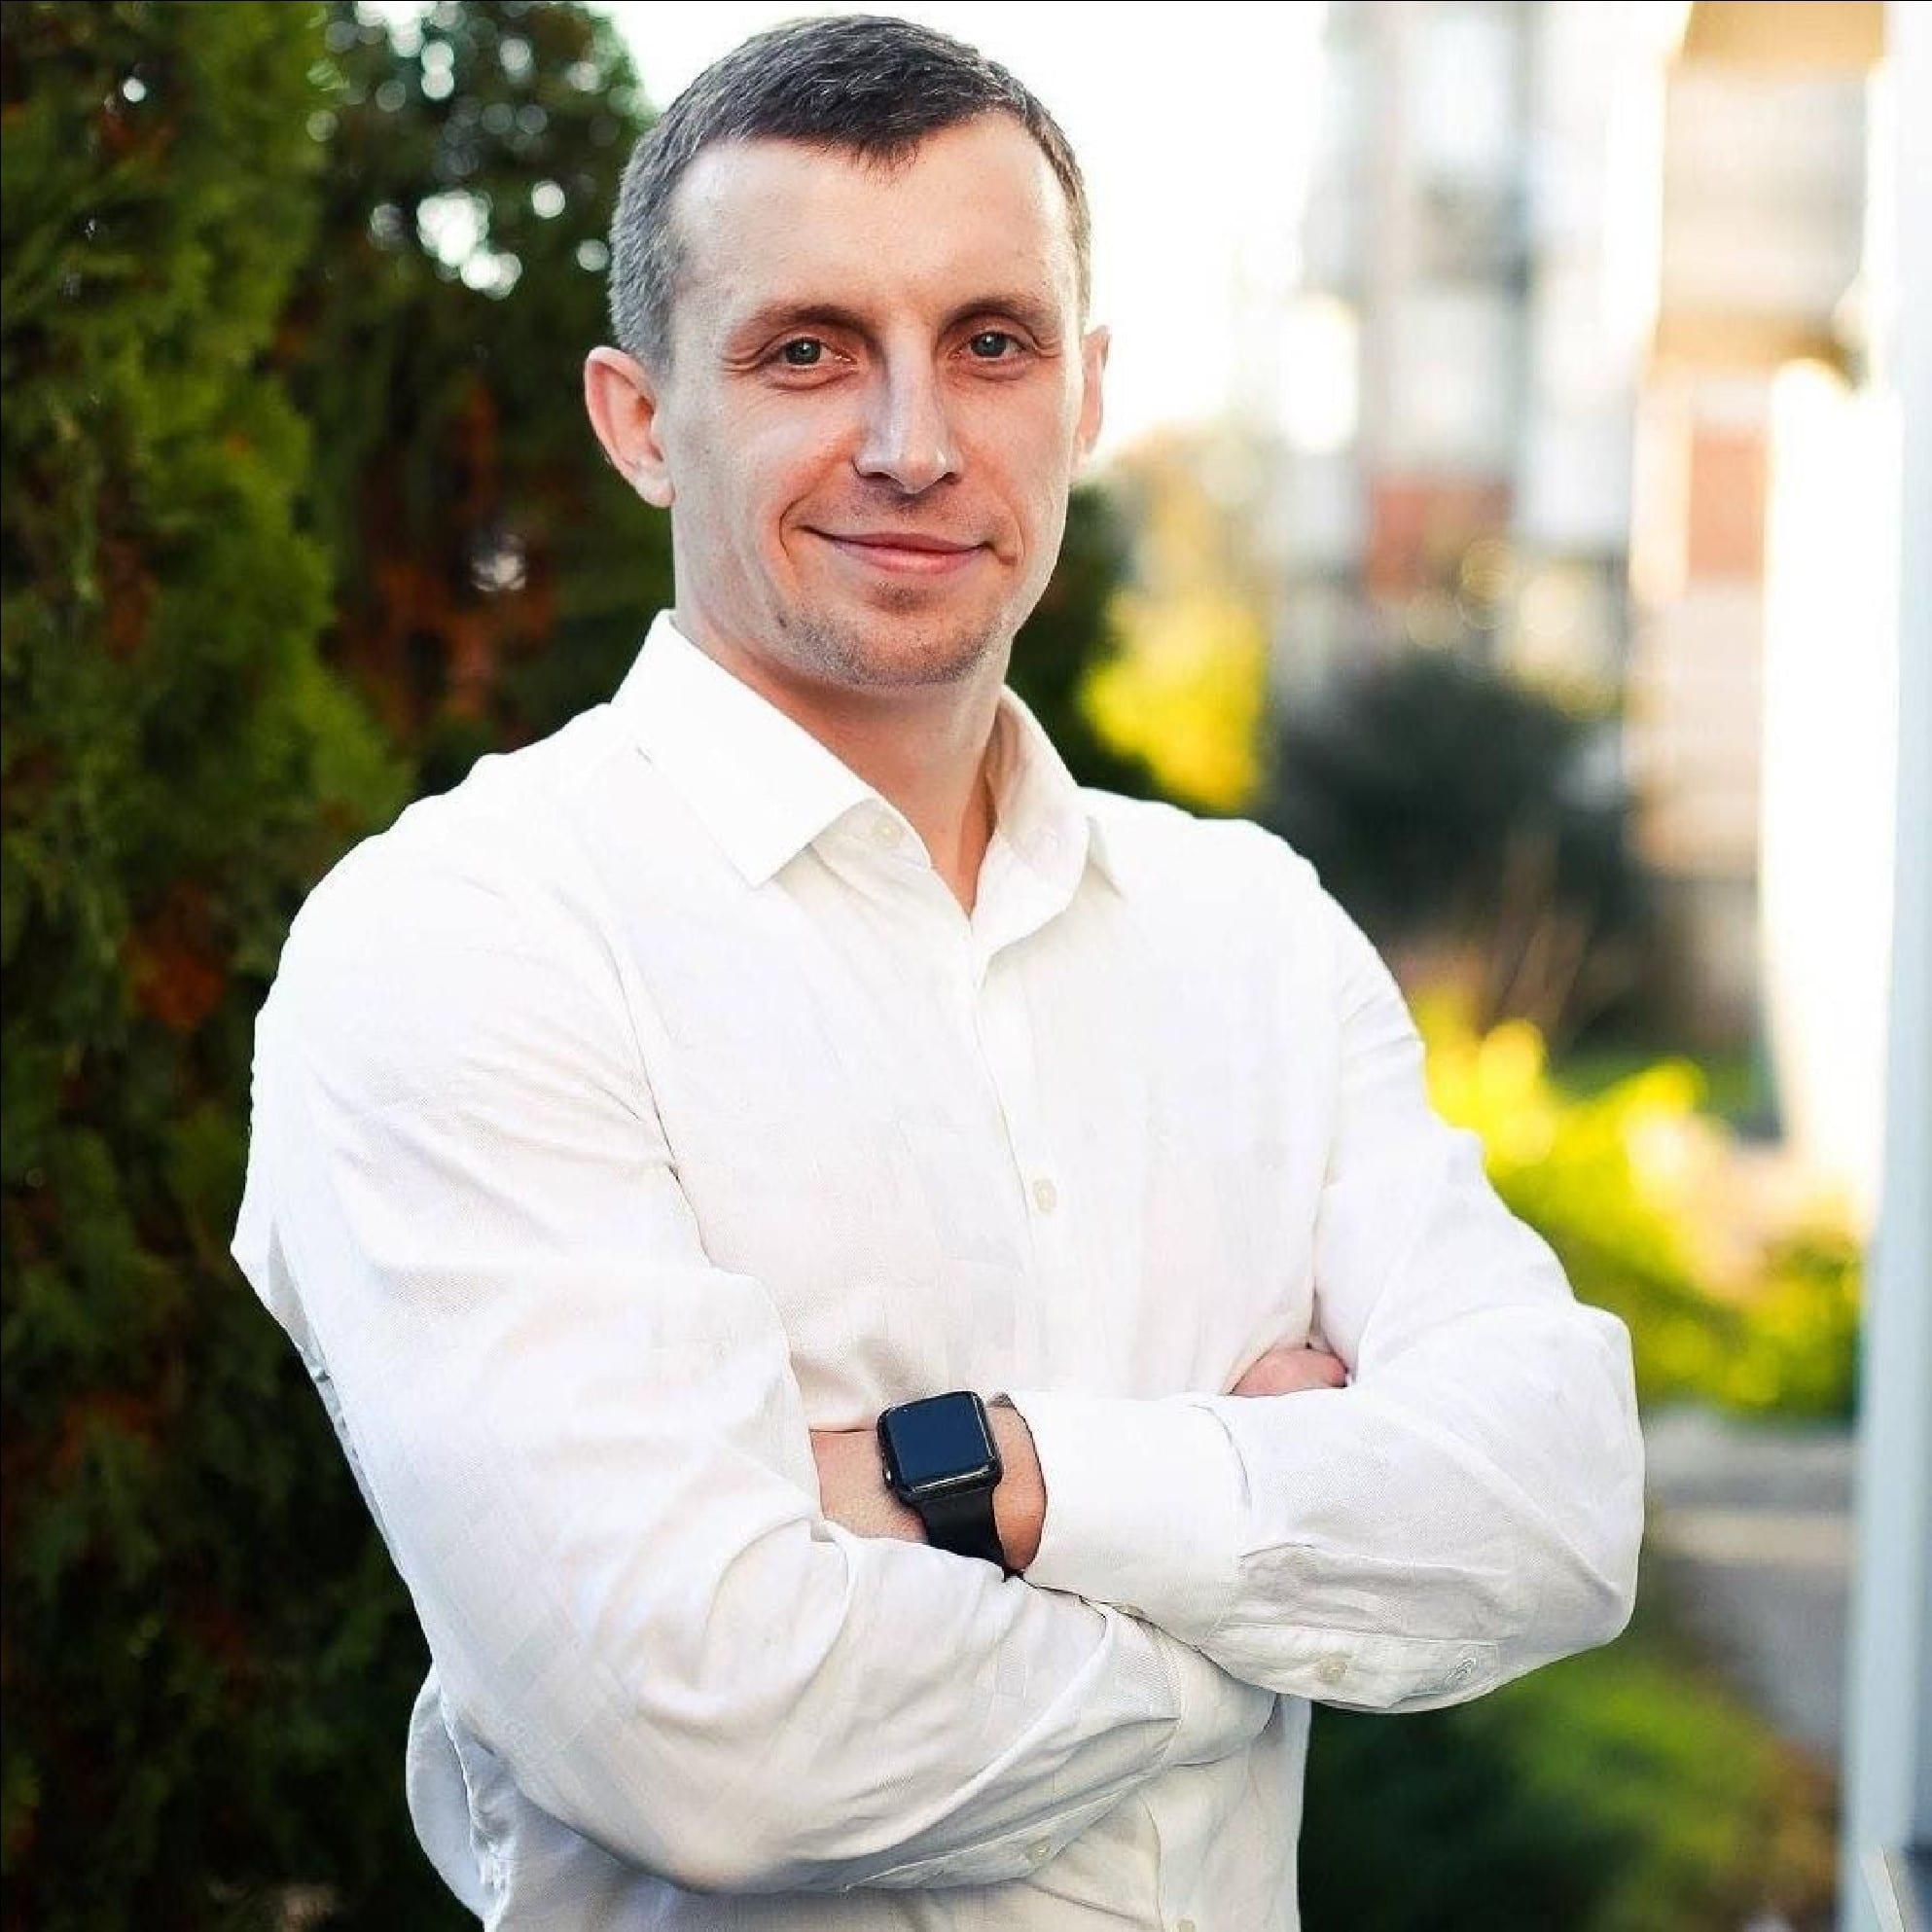 Artem Dolobanko OpsWorks Co